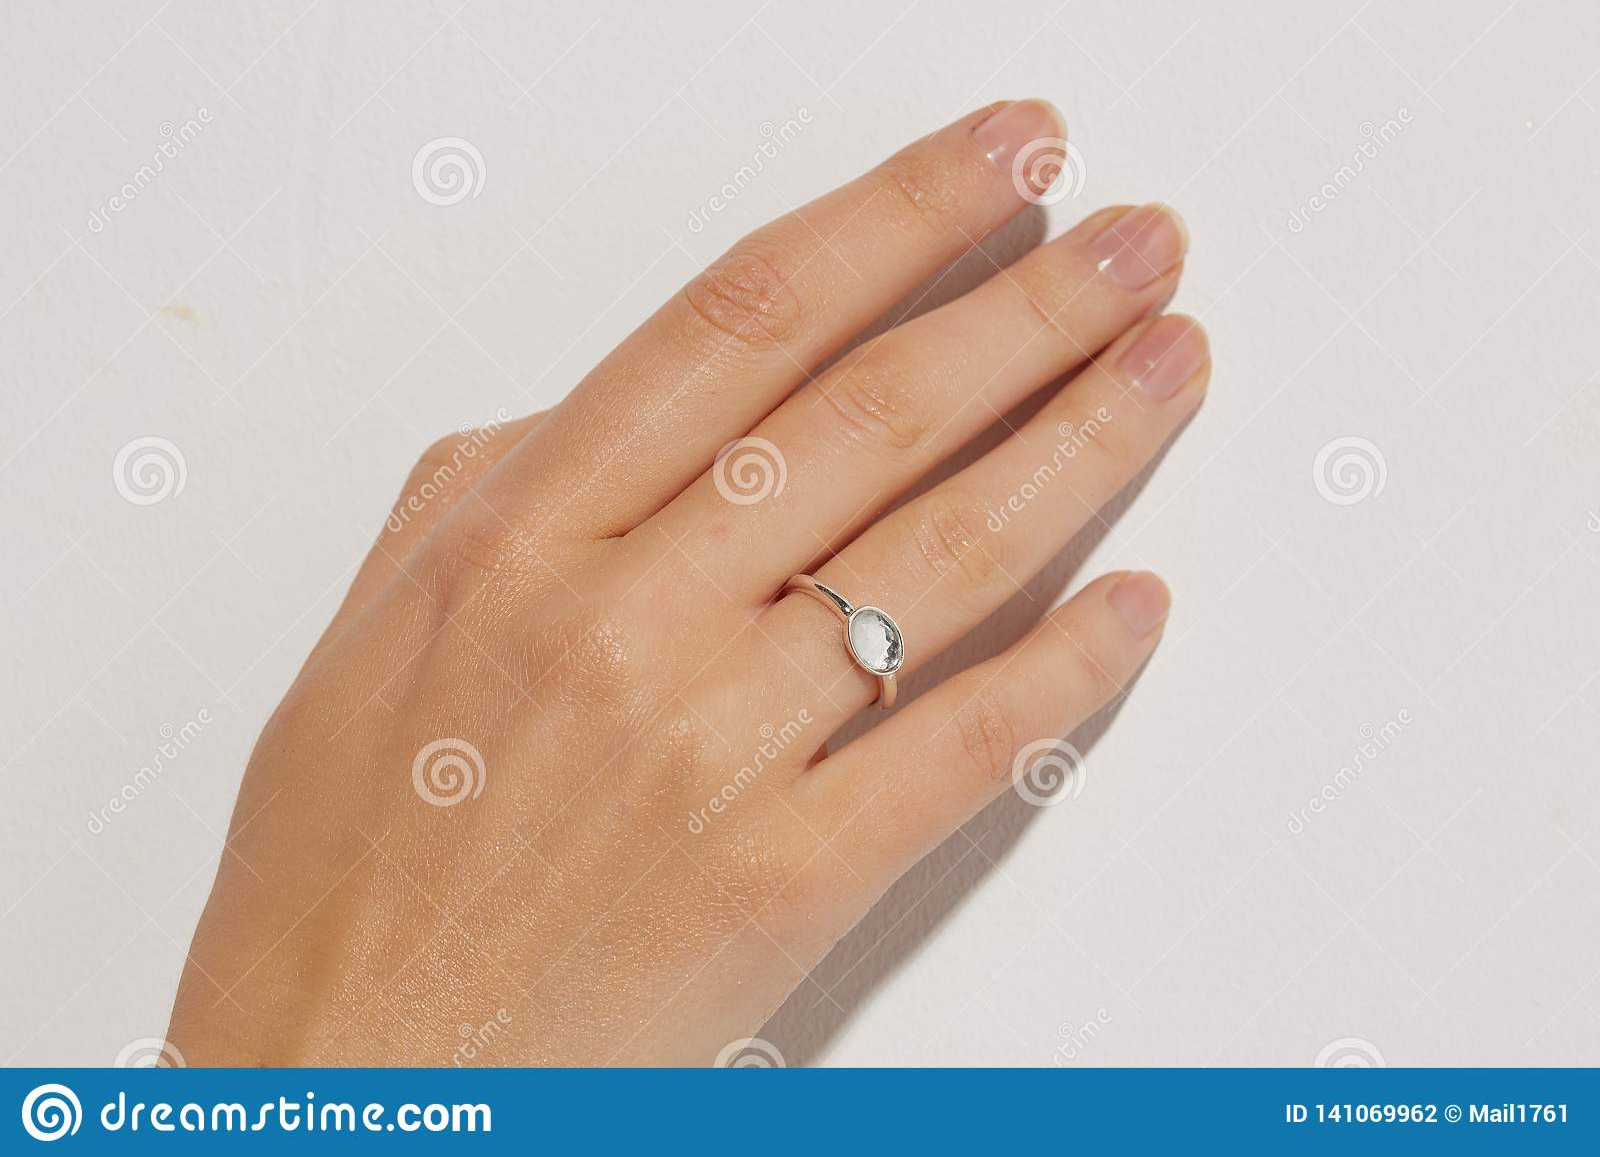 Mano femenina con anillos